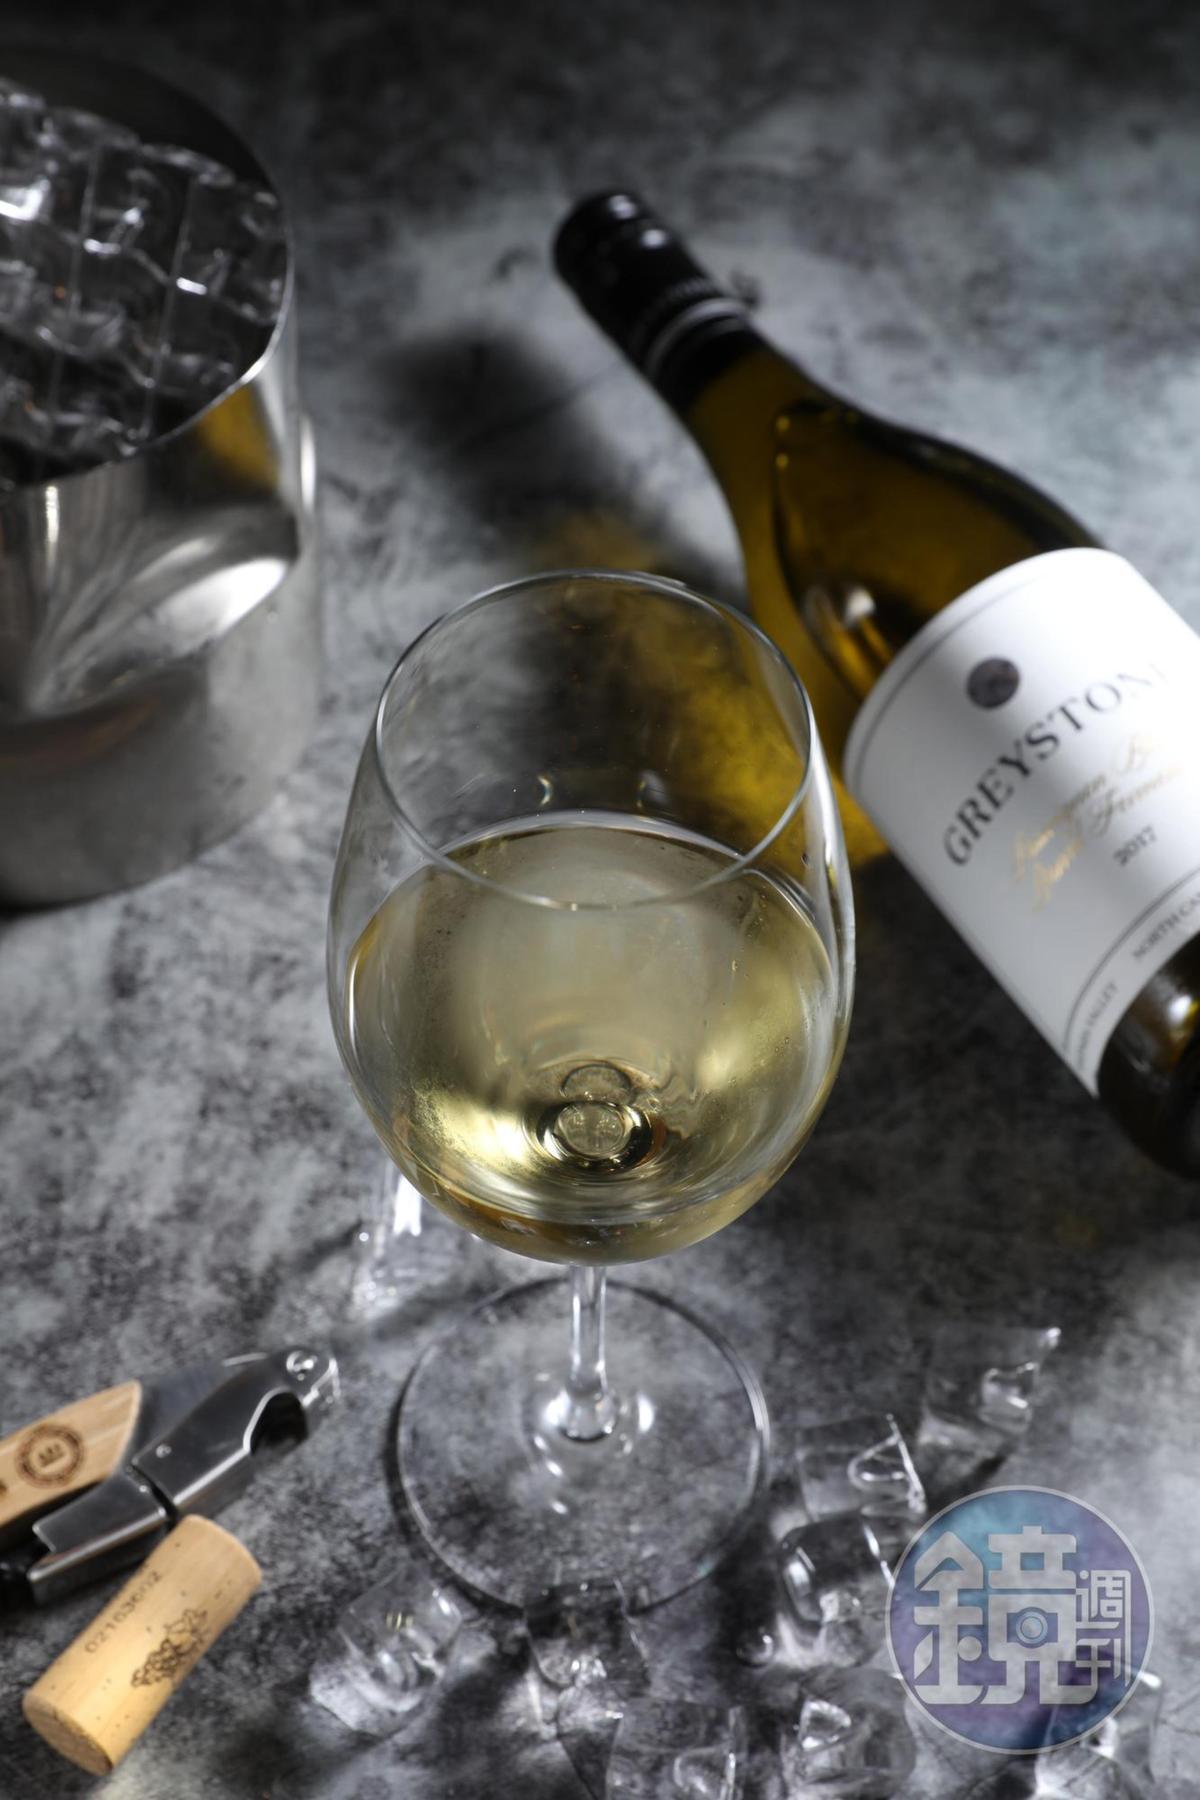 紐西蘭「灰石酒莊橡木桶發酵白蘇維濃」不只有紅心芭樂味道,還有葡萄柚、青草香,圓潤討喜。(380元/杯、1,500元/瓶)